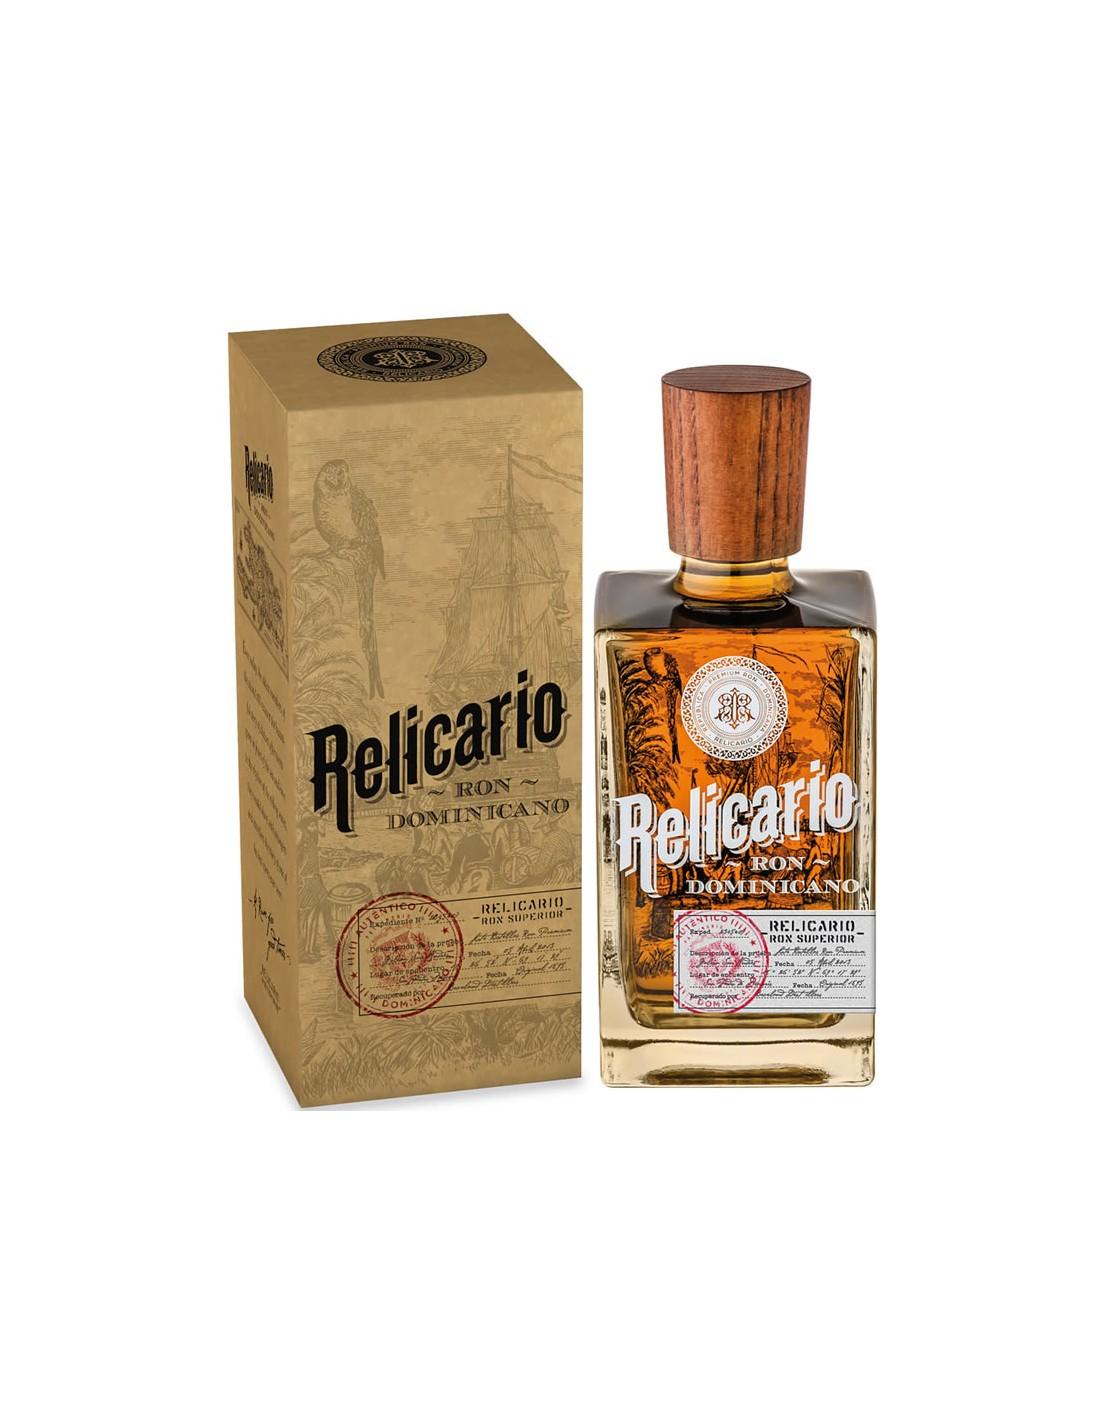 Rom Relicario Ron Dominicano, 40% alc., 0.7L